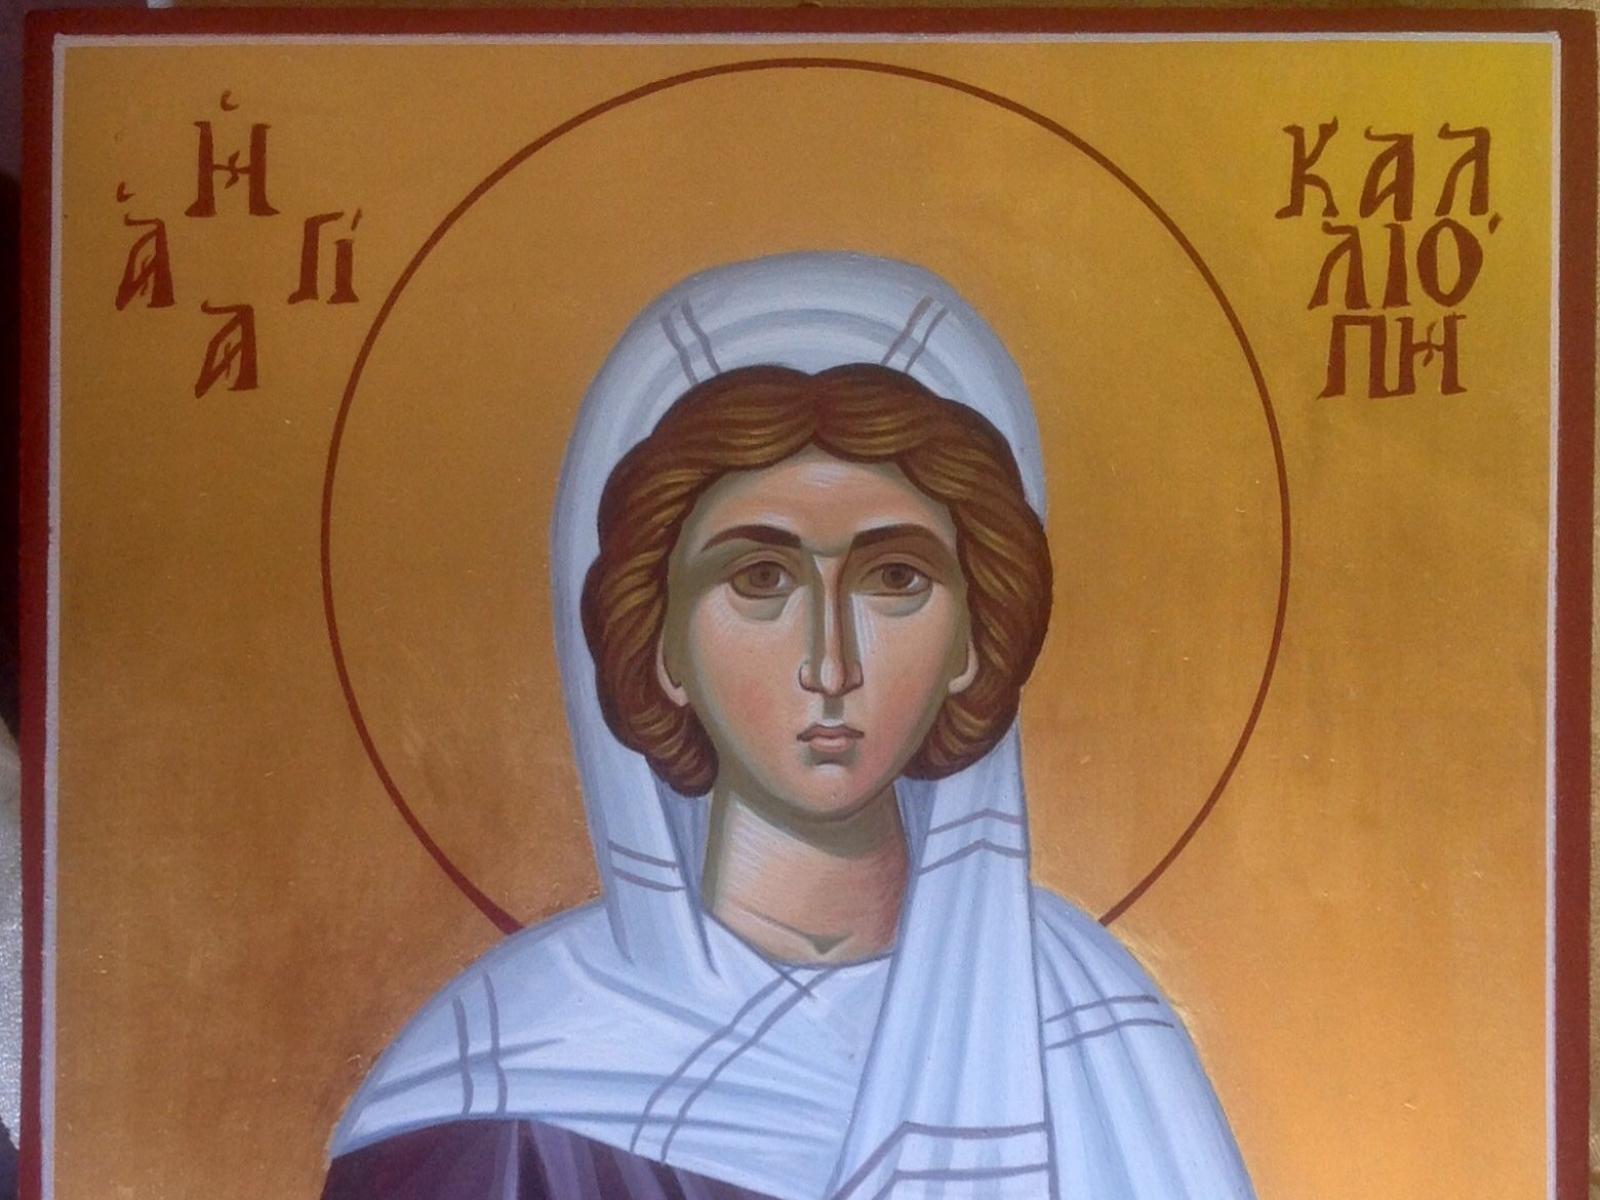 Σήμερα 8 Ιουνίου γιορτάζει η Αγία Καλλιόπη που βασανίστηκε και αποκεφαλίστηκε